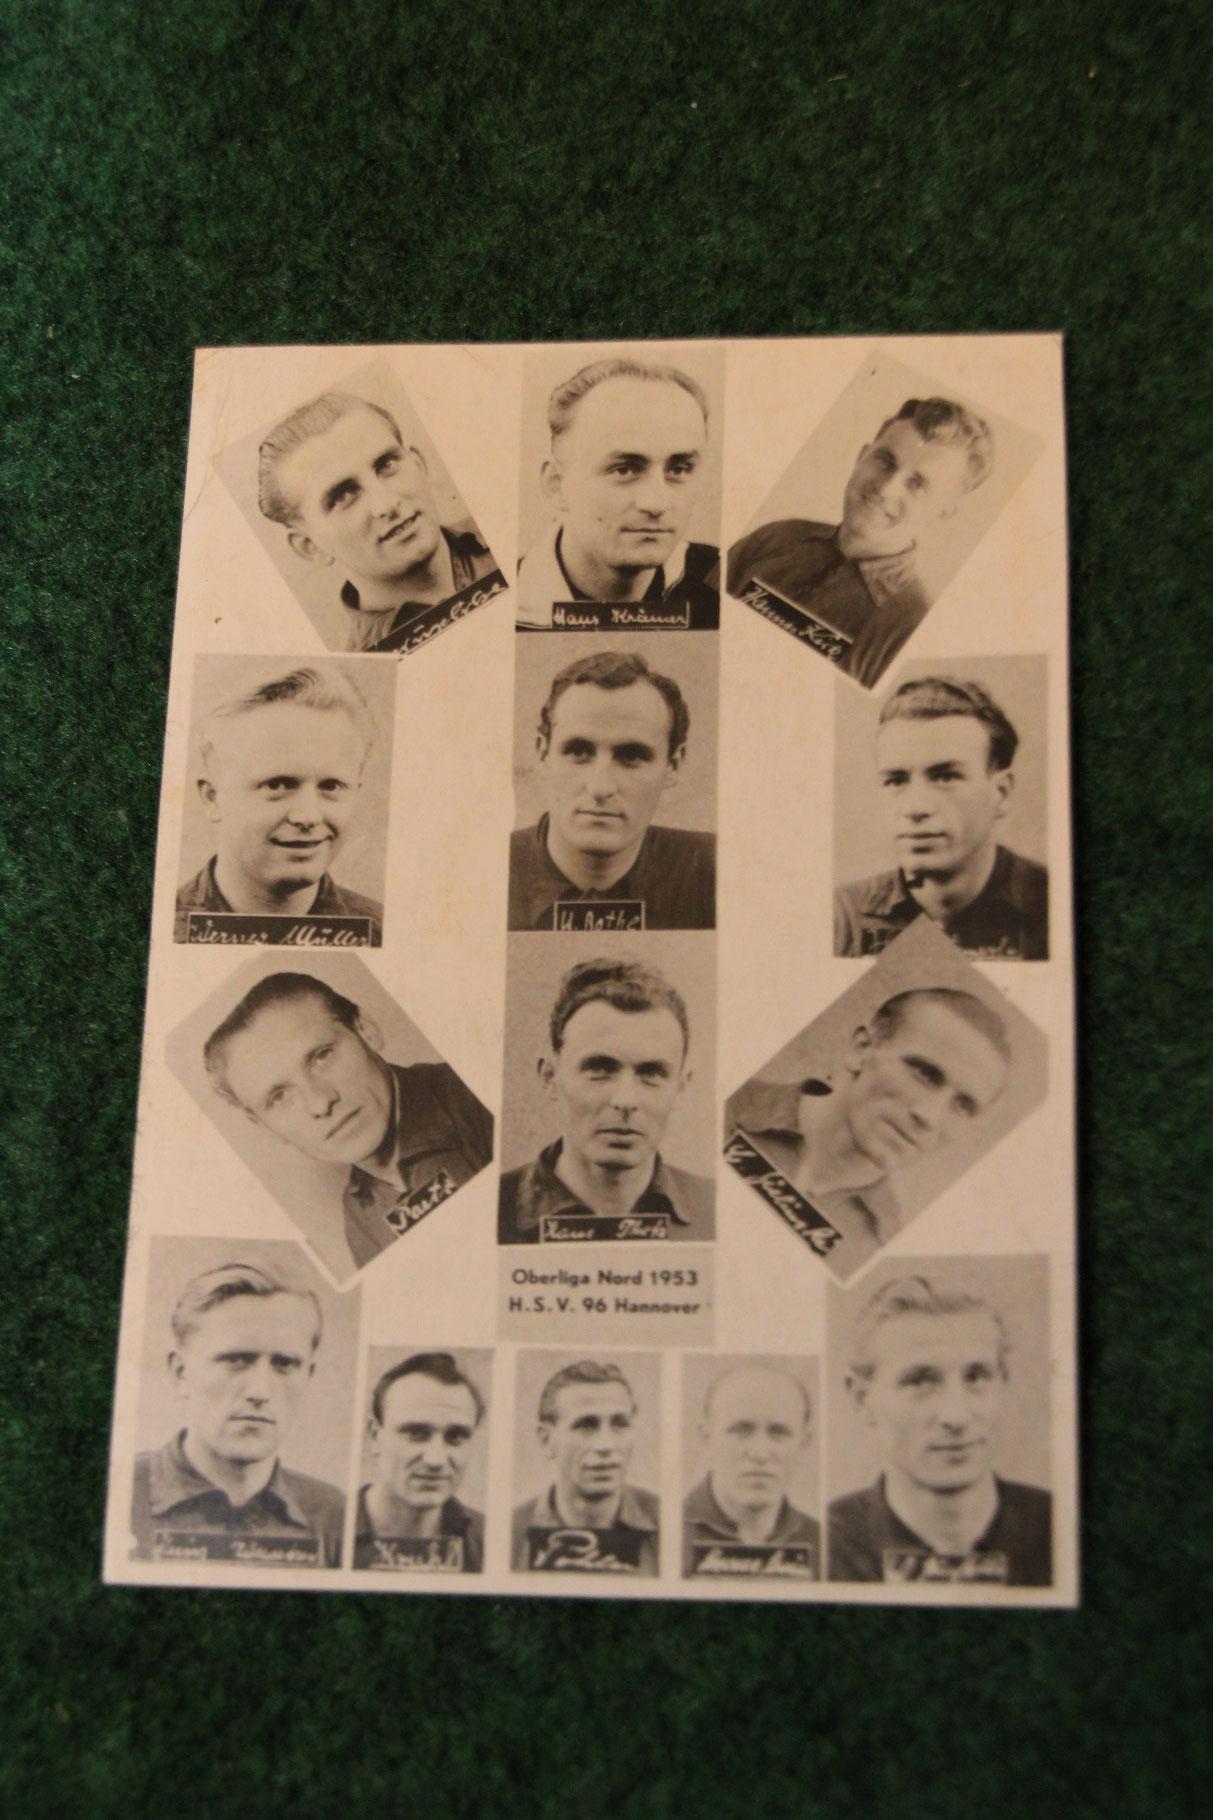 Postkarte der Oberliga Nord Mannschaft von Hannover 96 aus dem Jahr 1953.